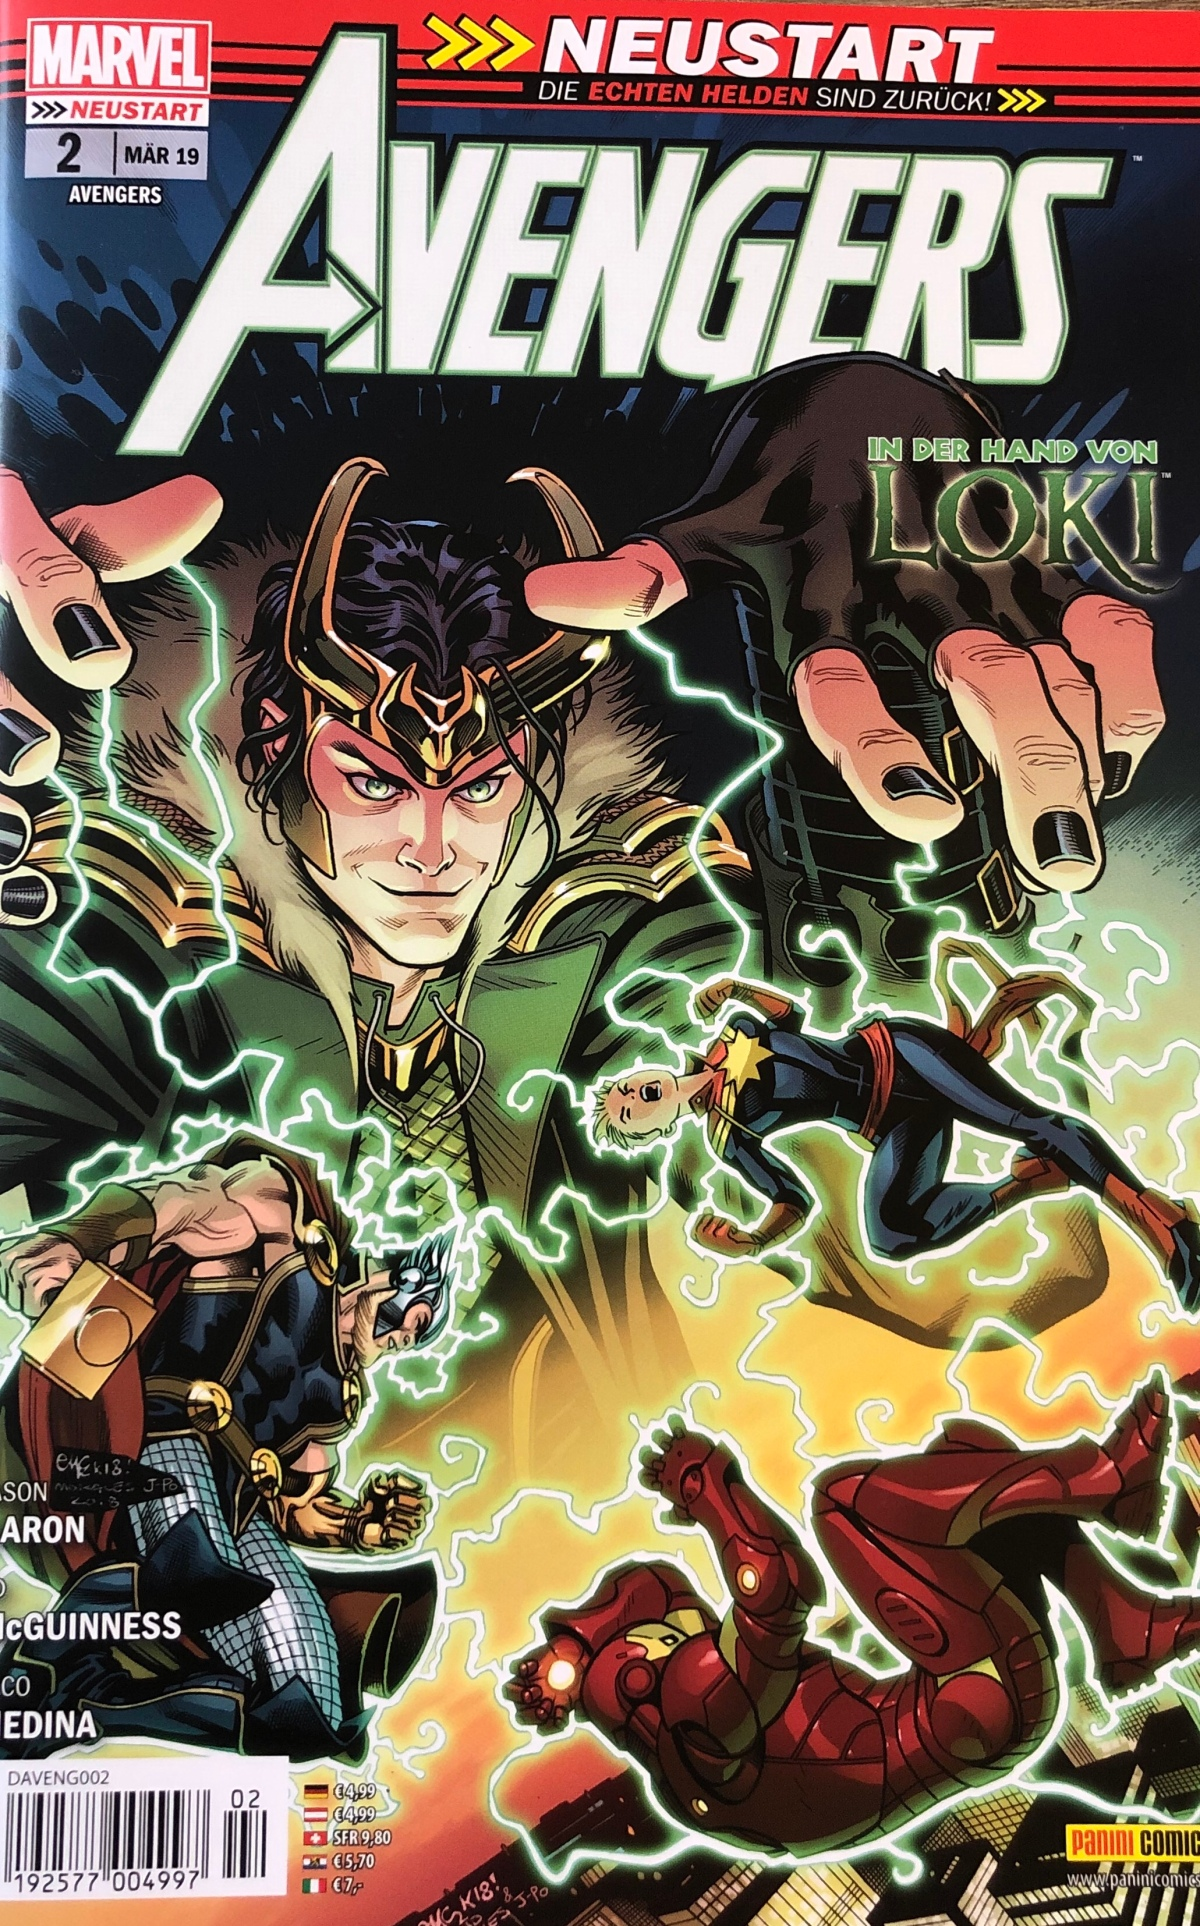 Avengers #2 & #3 (Neustart) |Review